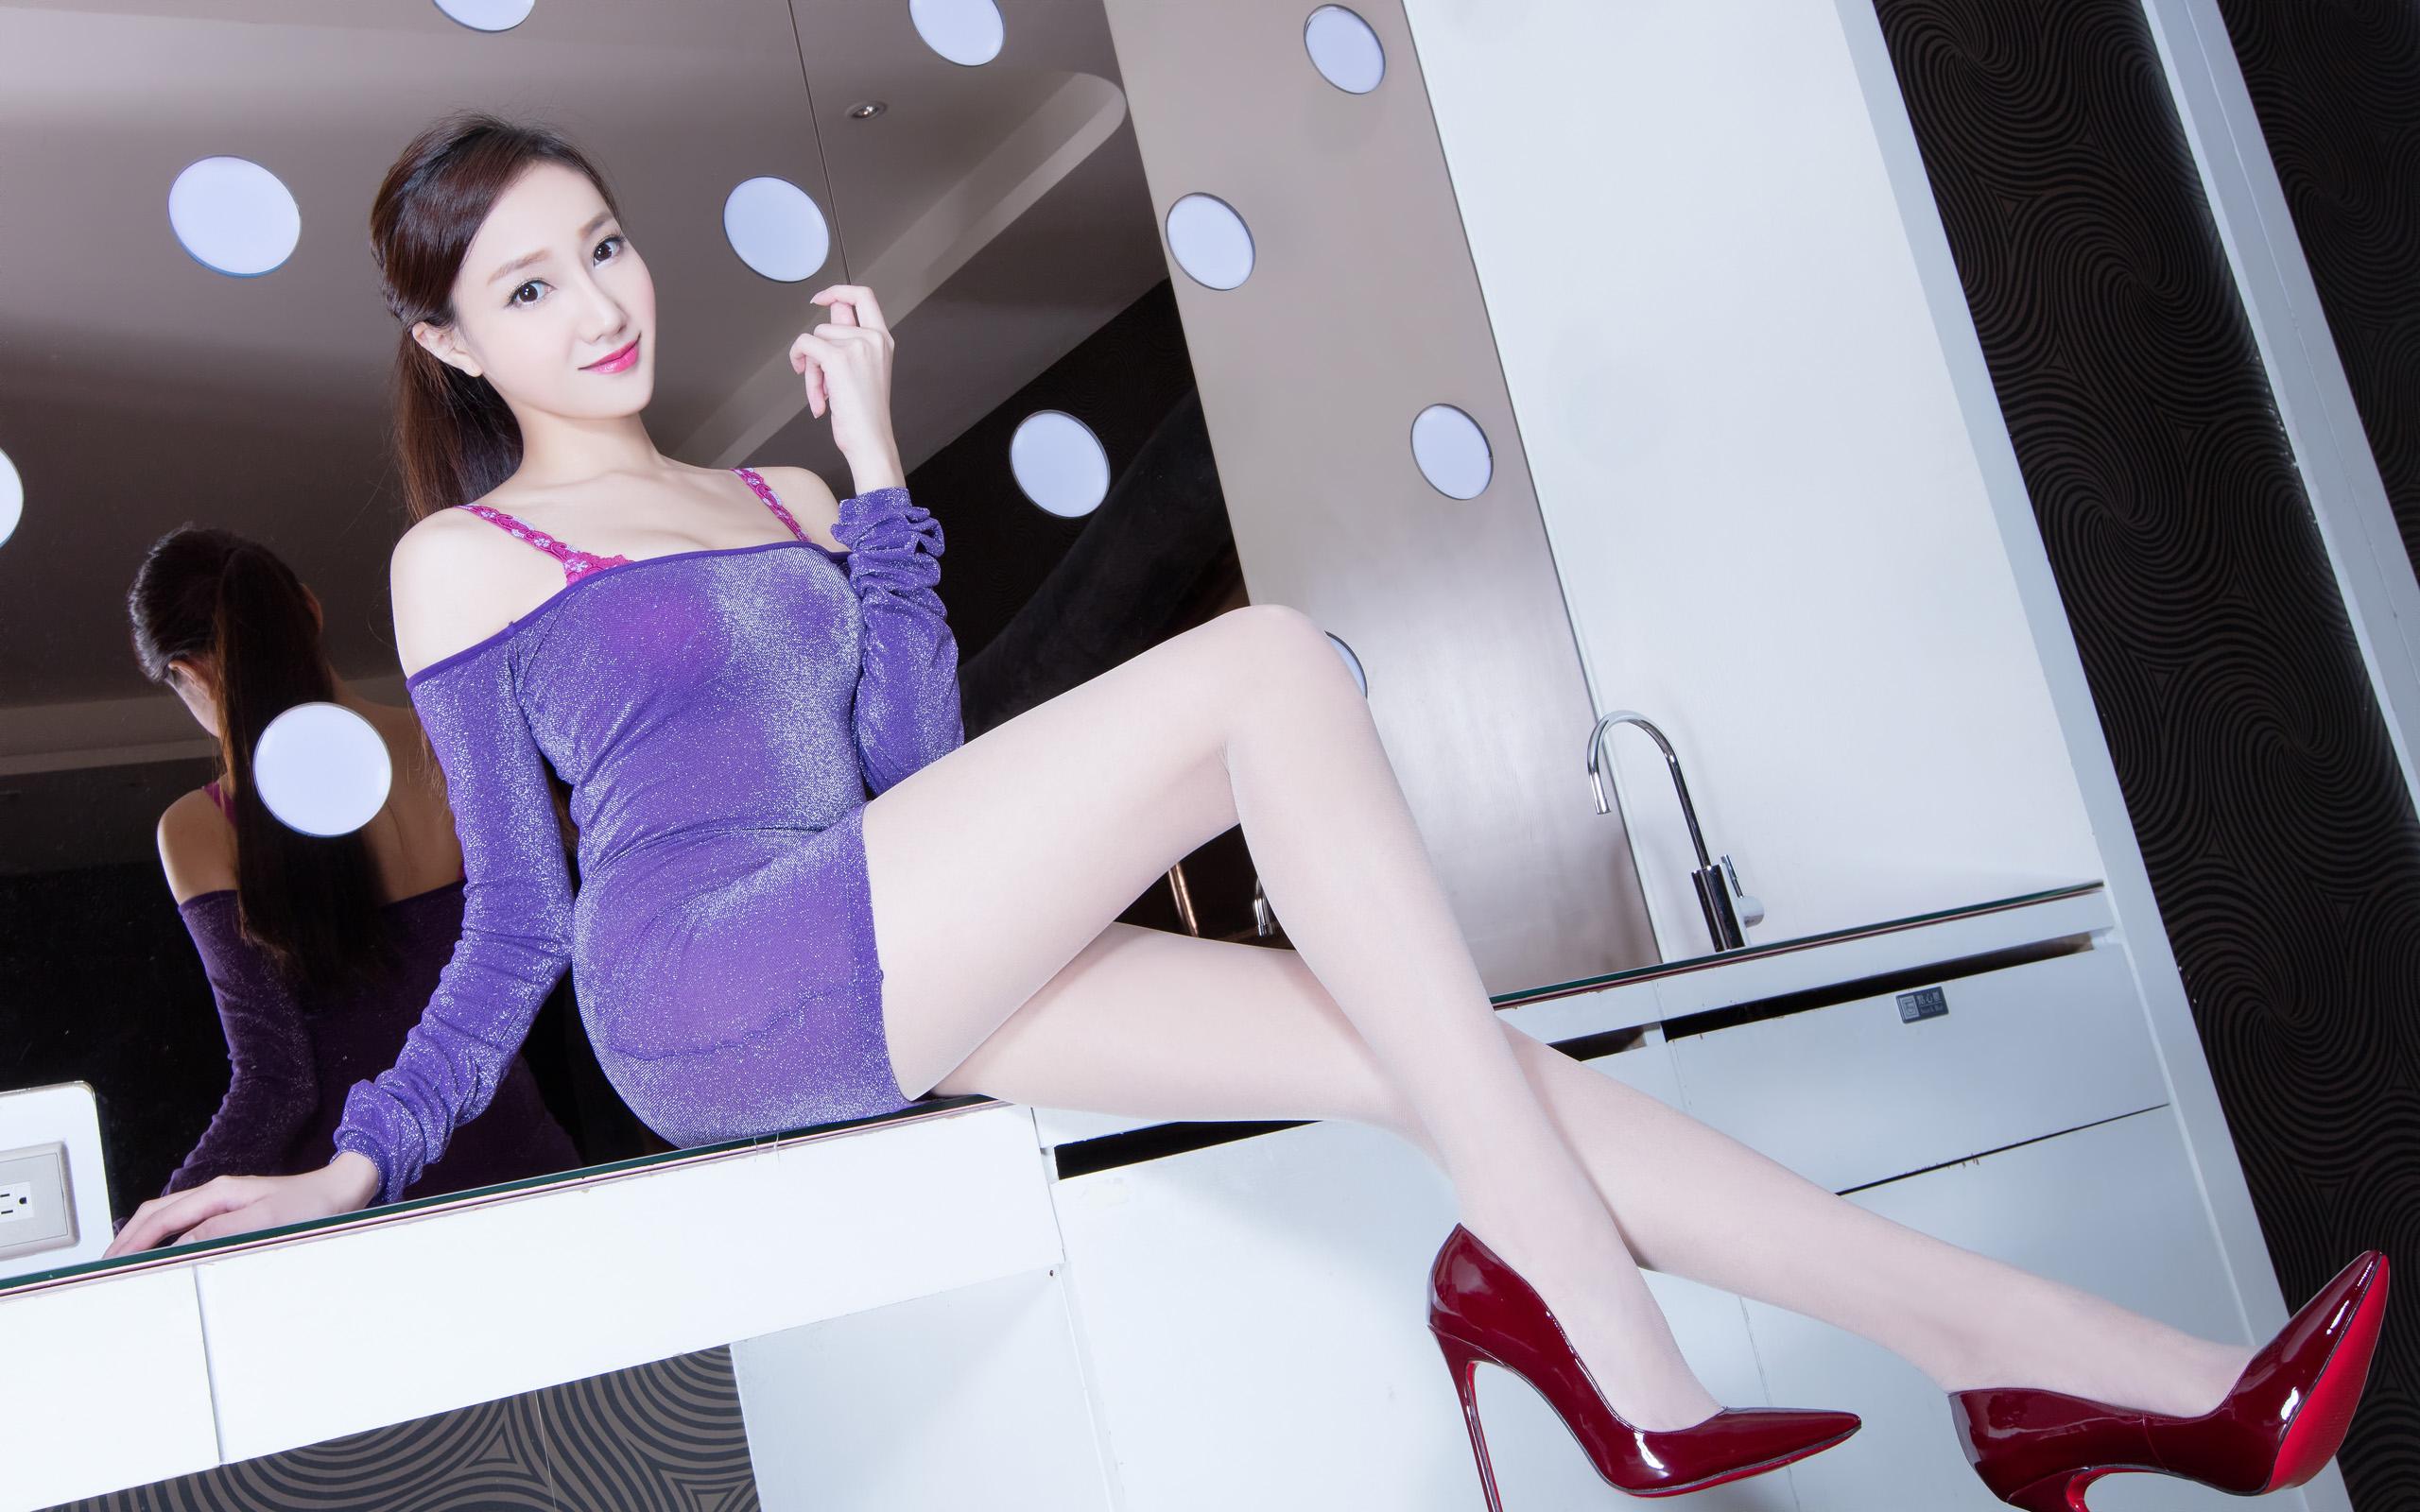 臺灣美腿美女Tina2 - 花開有聲 - 花開有聲